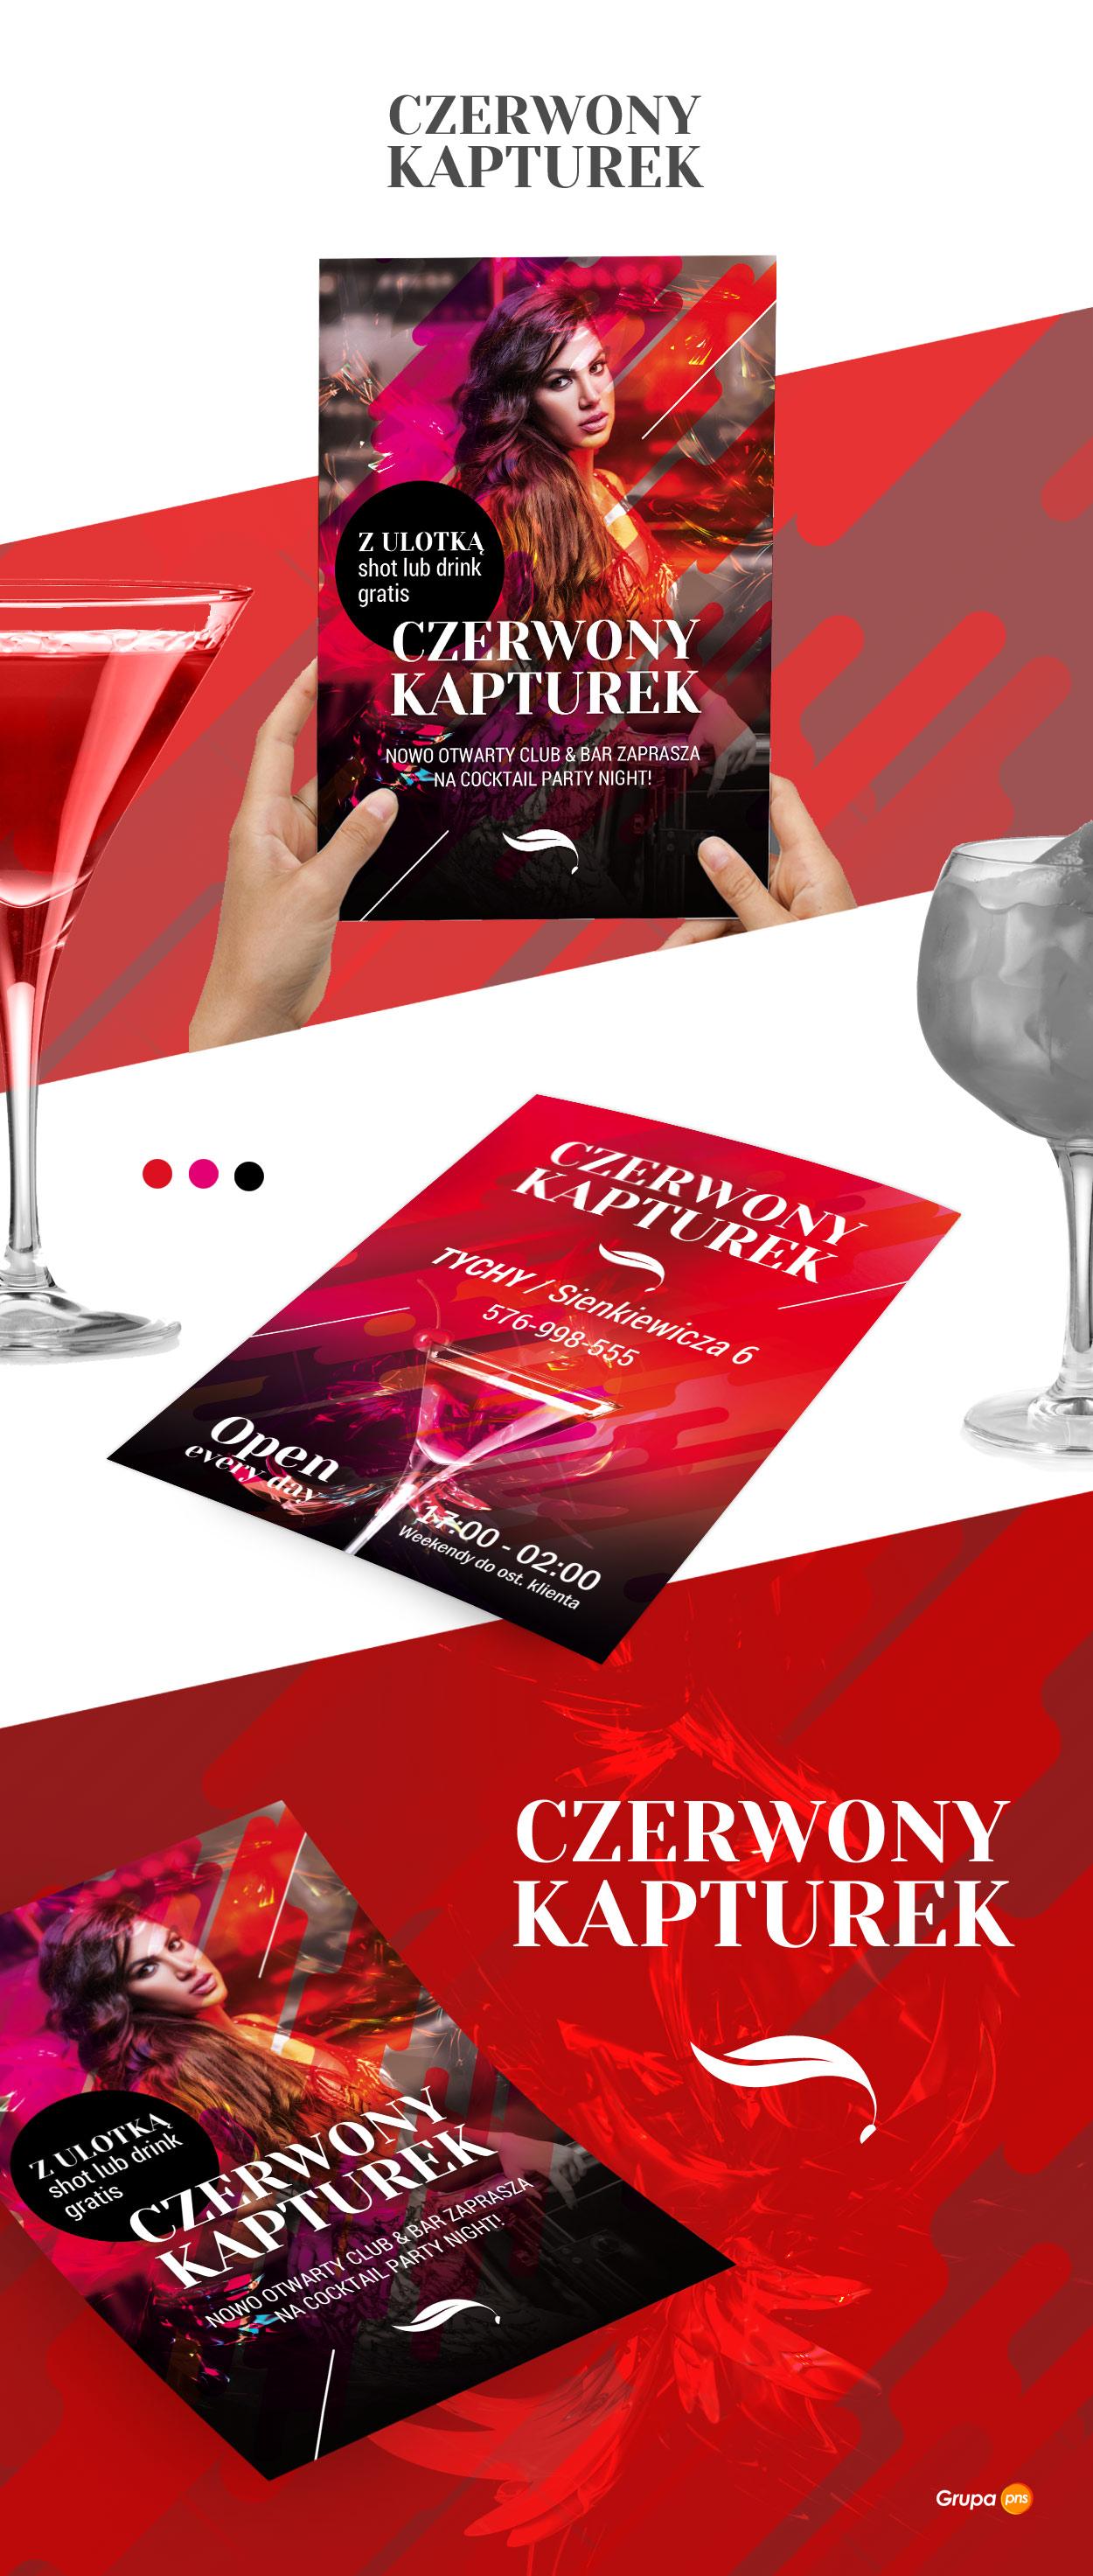 projekt ulotki reklamowej dla klubu muzycznego czerwony kapturek - Projekt ulotki dla klubu - Czerwony Kapturek